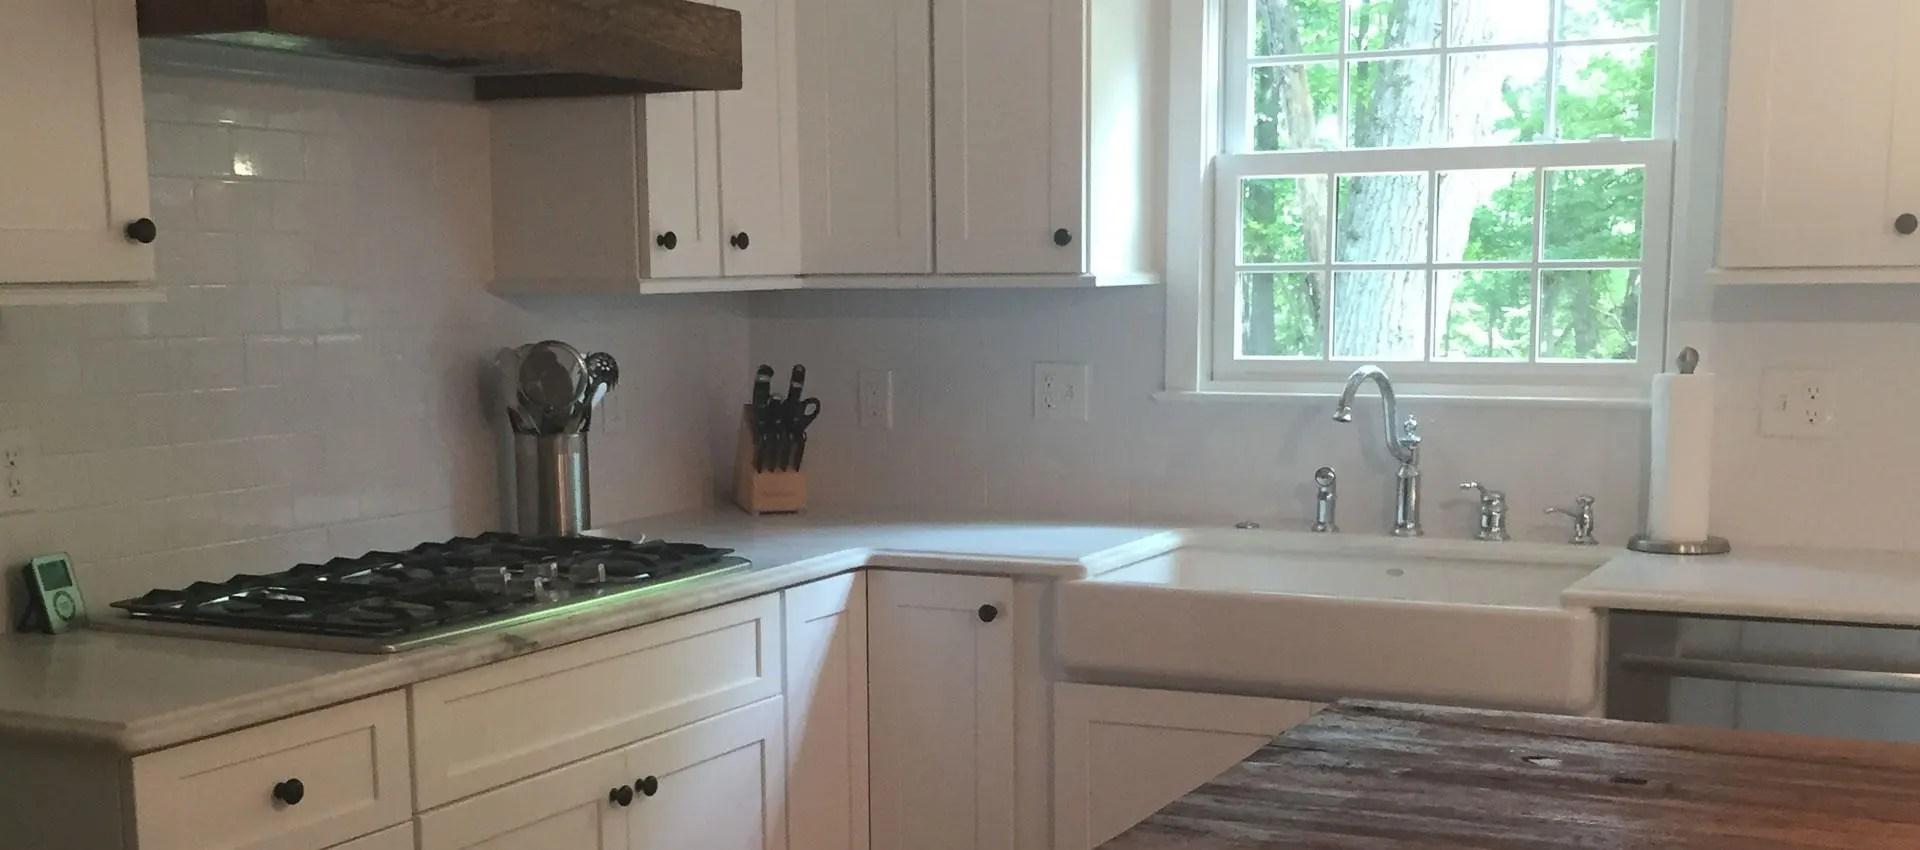 Kitchen And Bath Design Llc